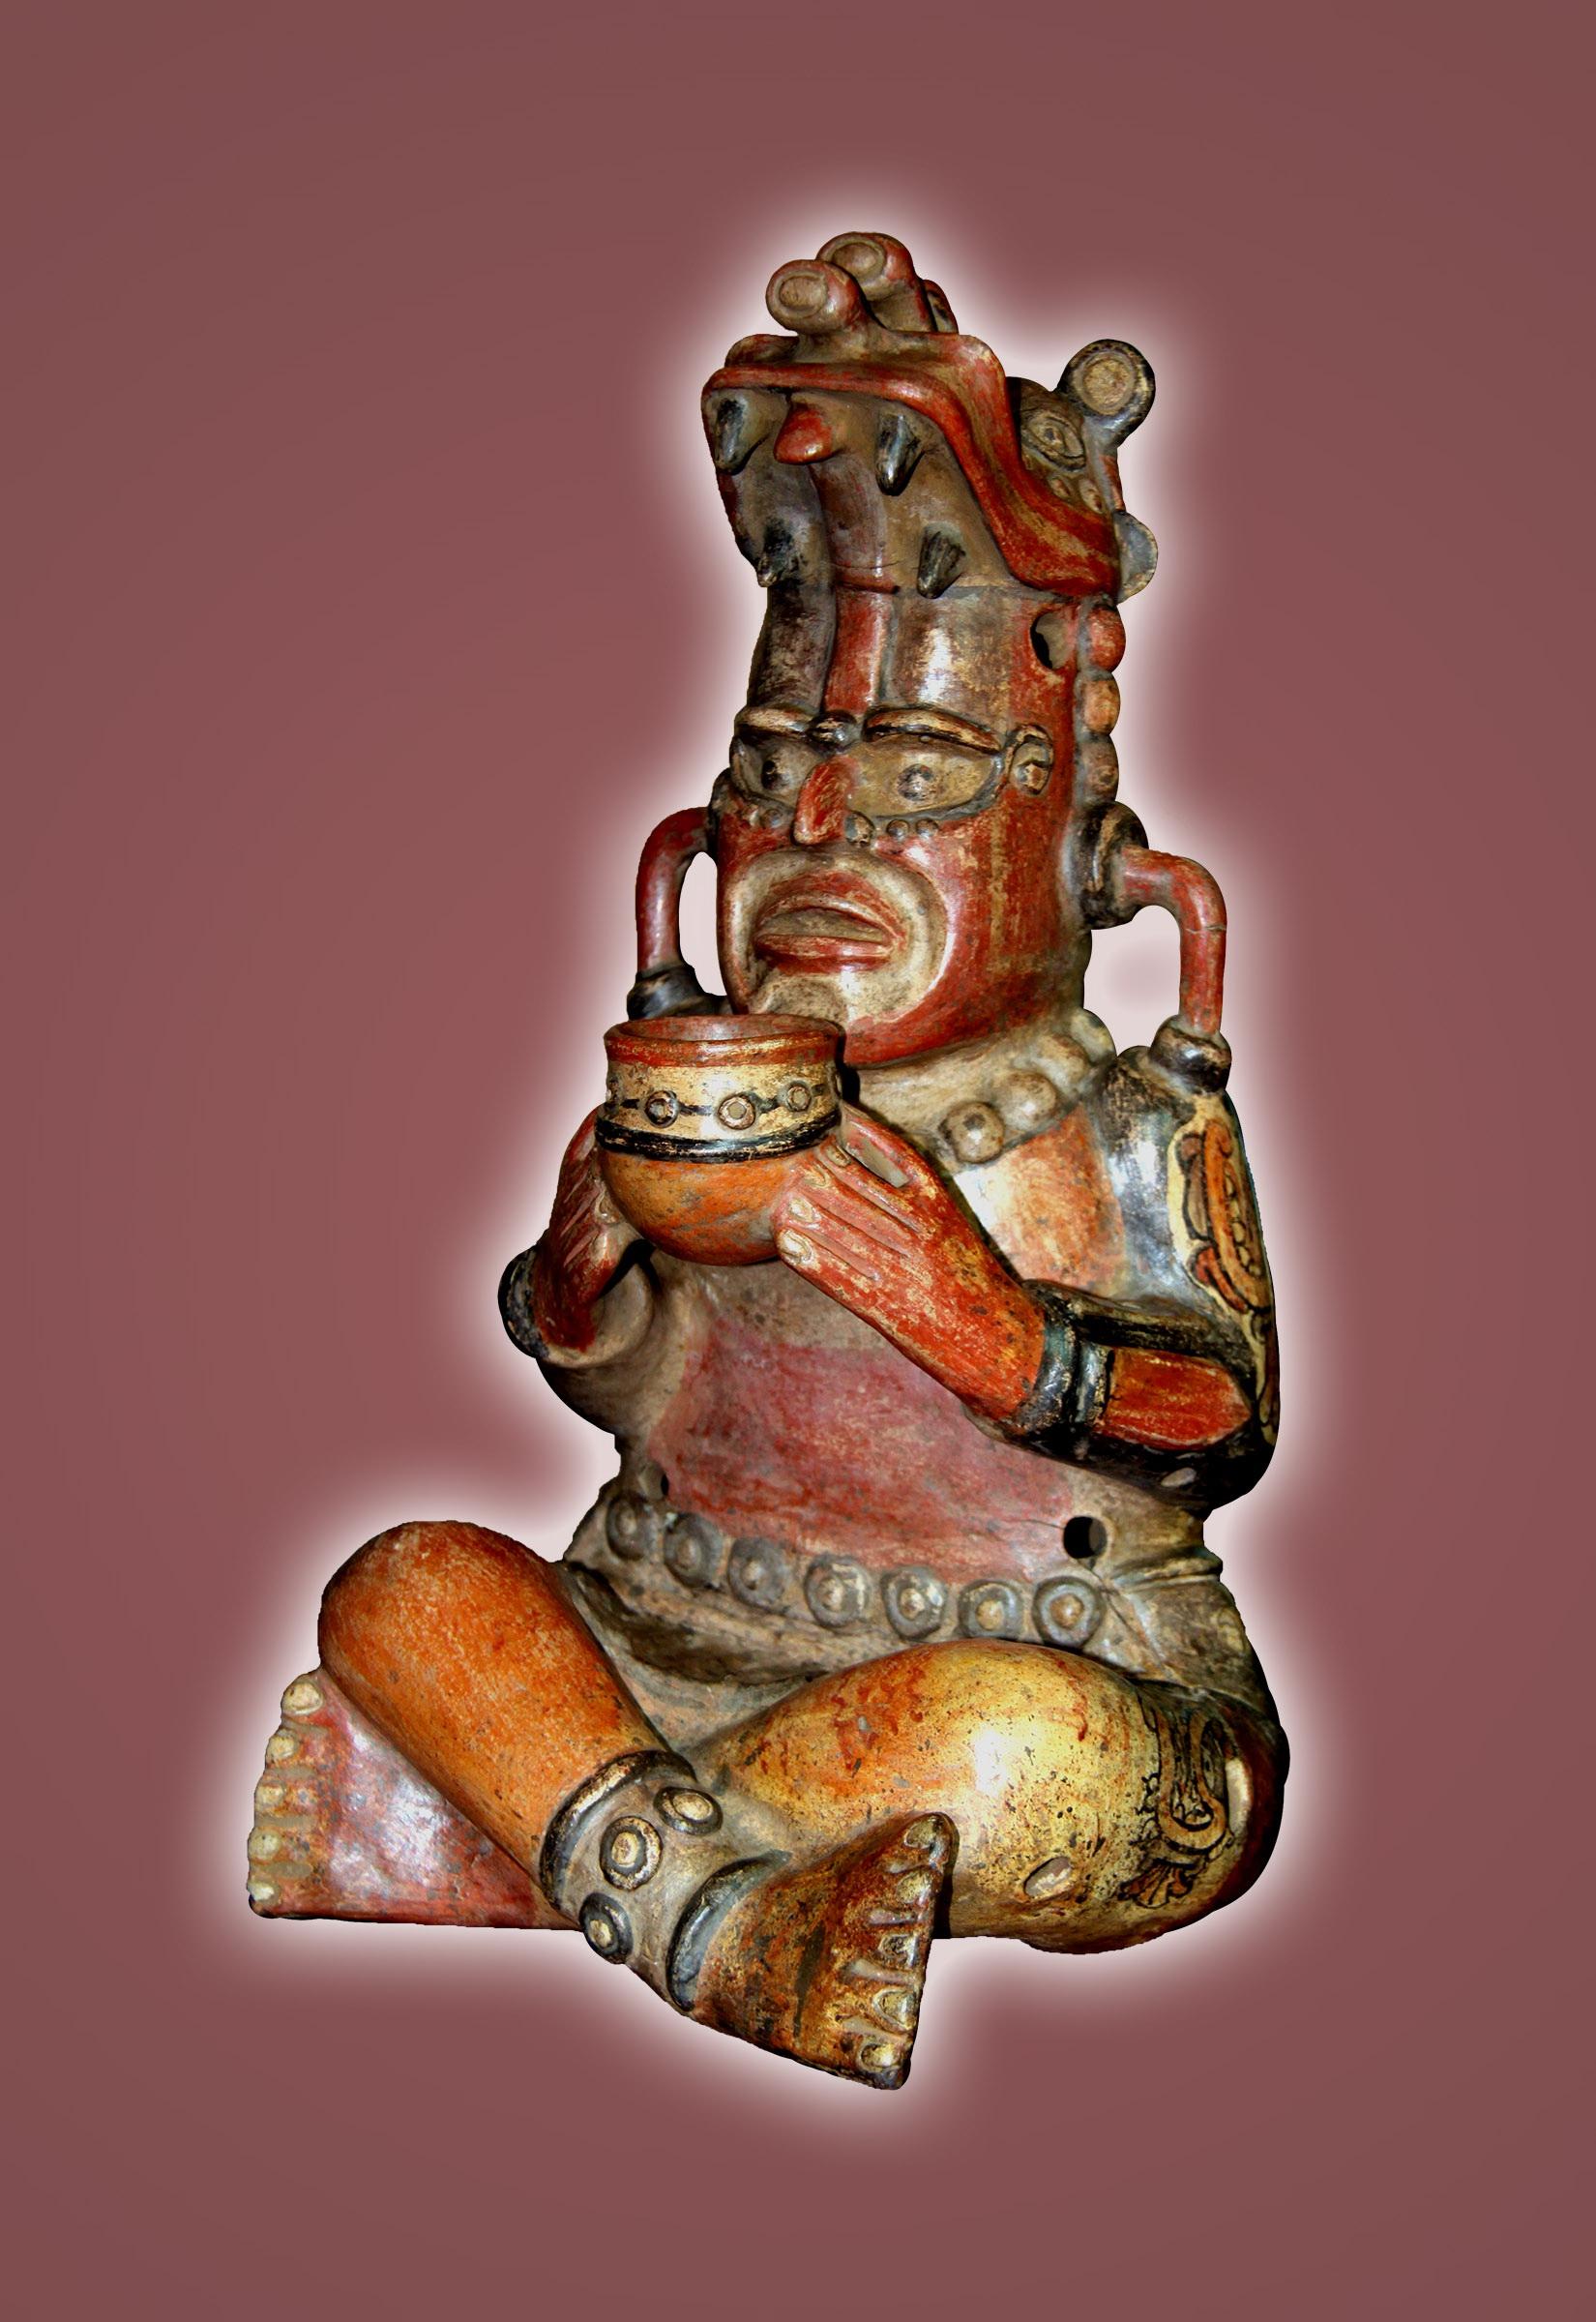 Ilustración # 1 Imagen de sacerdote maya, discípulo de Quetzalcóatl, ofreciendo al Ser Supremo los dolores y sacrificios de su pueblo y los suyos propios, con profunda reverencia y compunción. Obra de alfarería extraordinaria, muy probablemente del período clásico 600-900 de la era cristiana. Este maravilloso ejemplar de arte sacra de nuestro pueblo originario, patrimonio cultural de Nicaragua bajo el cuido de CECHAN, fue encontrado solo al inicio del año 2014. Está en proceso de ser analizada por los especialistas del Instituto Nicaragüense de Cultura, y otros especialistas en arqueología mesoamericana, bajo la dirección de Jorge Zambrana, máximo experto nicaragüense en materia de nuestros tesoros arqueológicos.